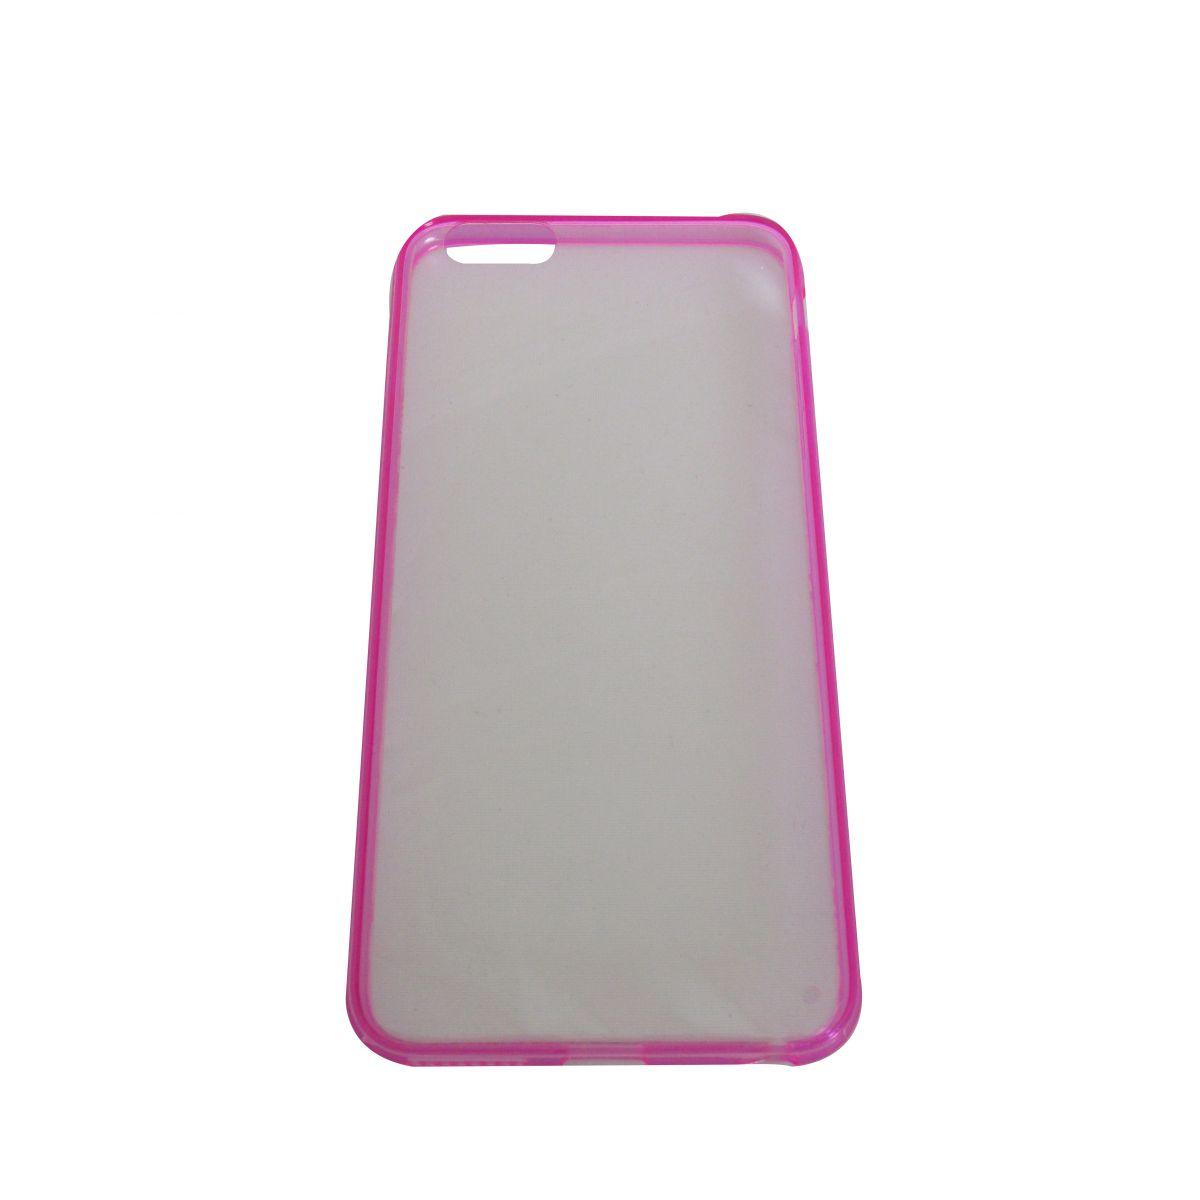 Capa Bumper Exclusiva Iphone 6 Plus Roxa